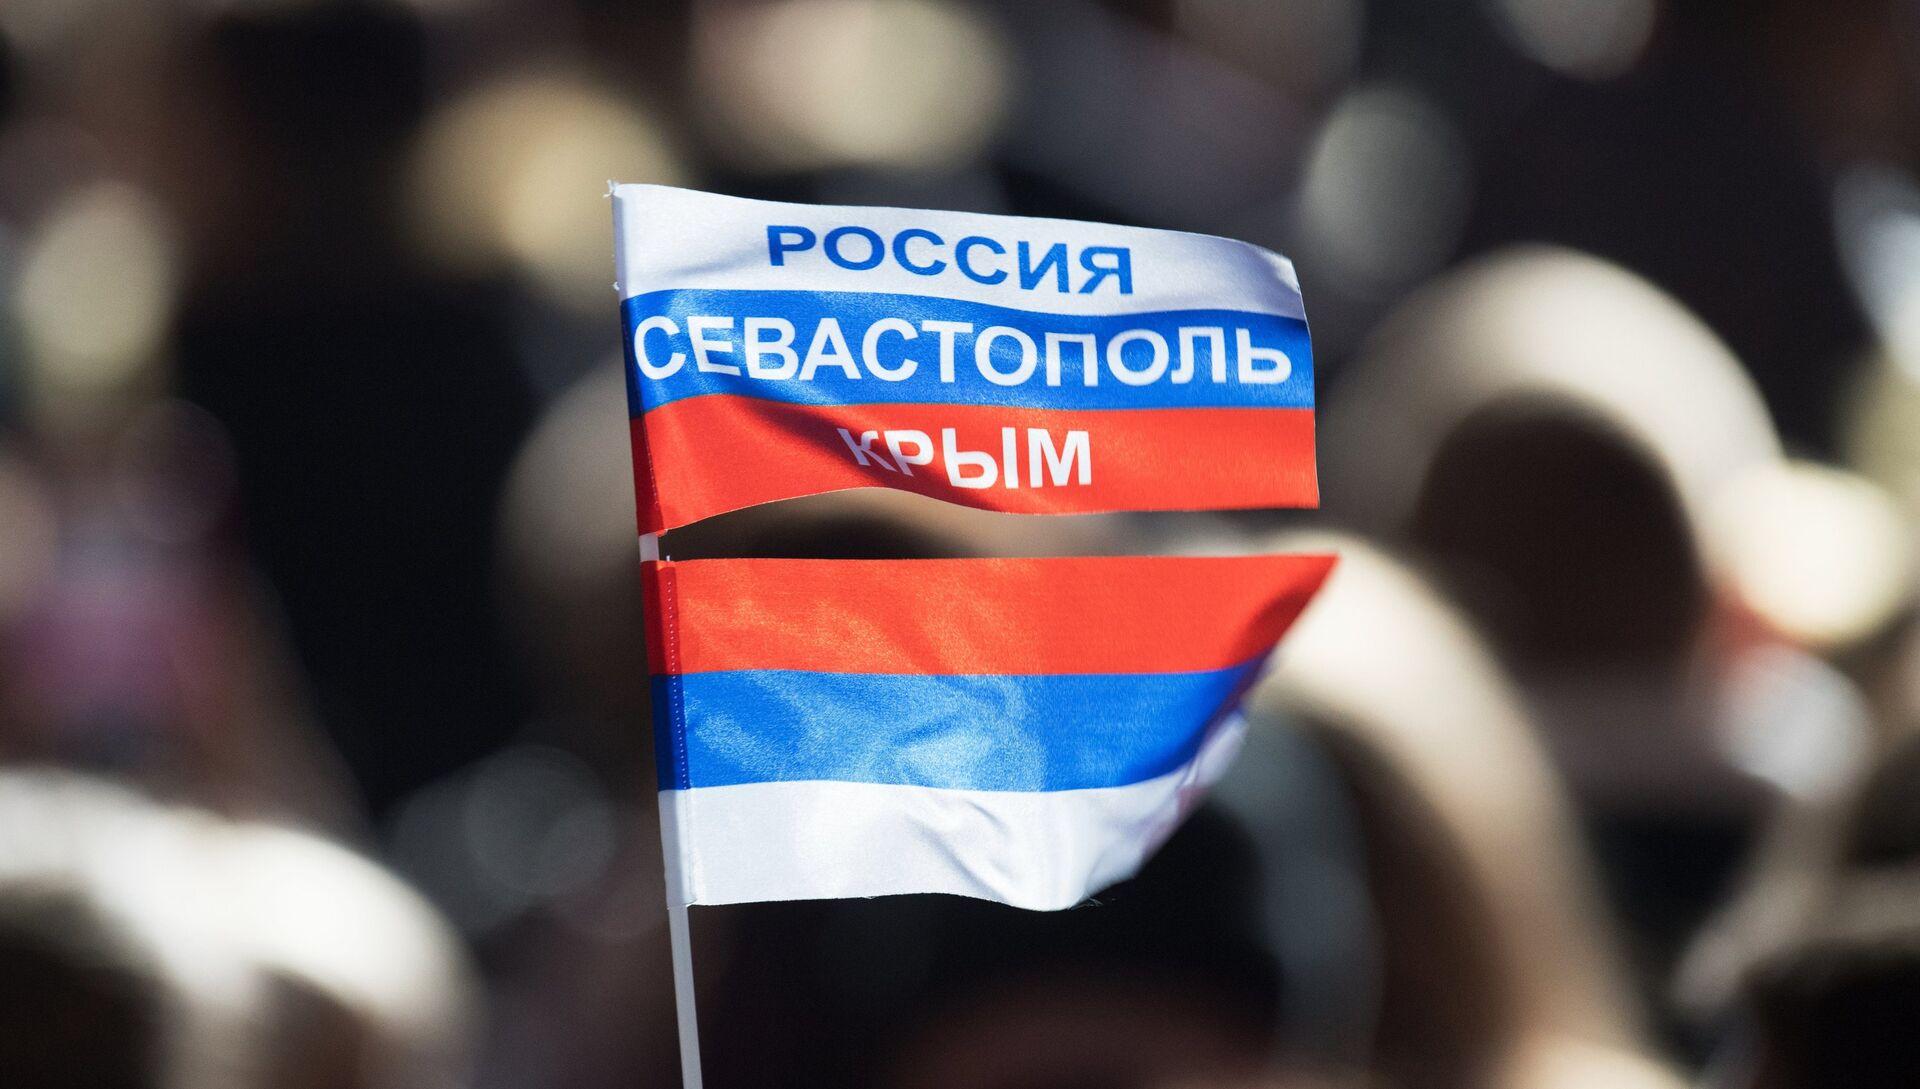 Триколор на митинге в Севастополе в честь годовщины воссоединения Крыма с Россией - РИА Новости, 1920, 09.03.2021